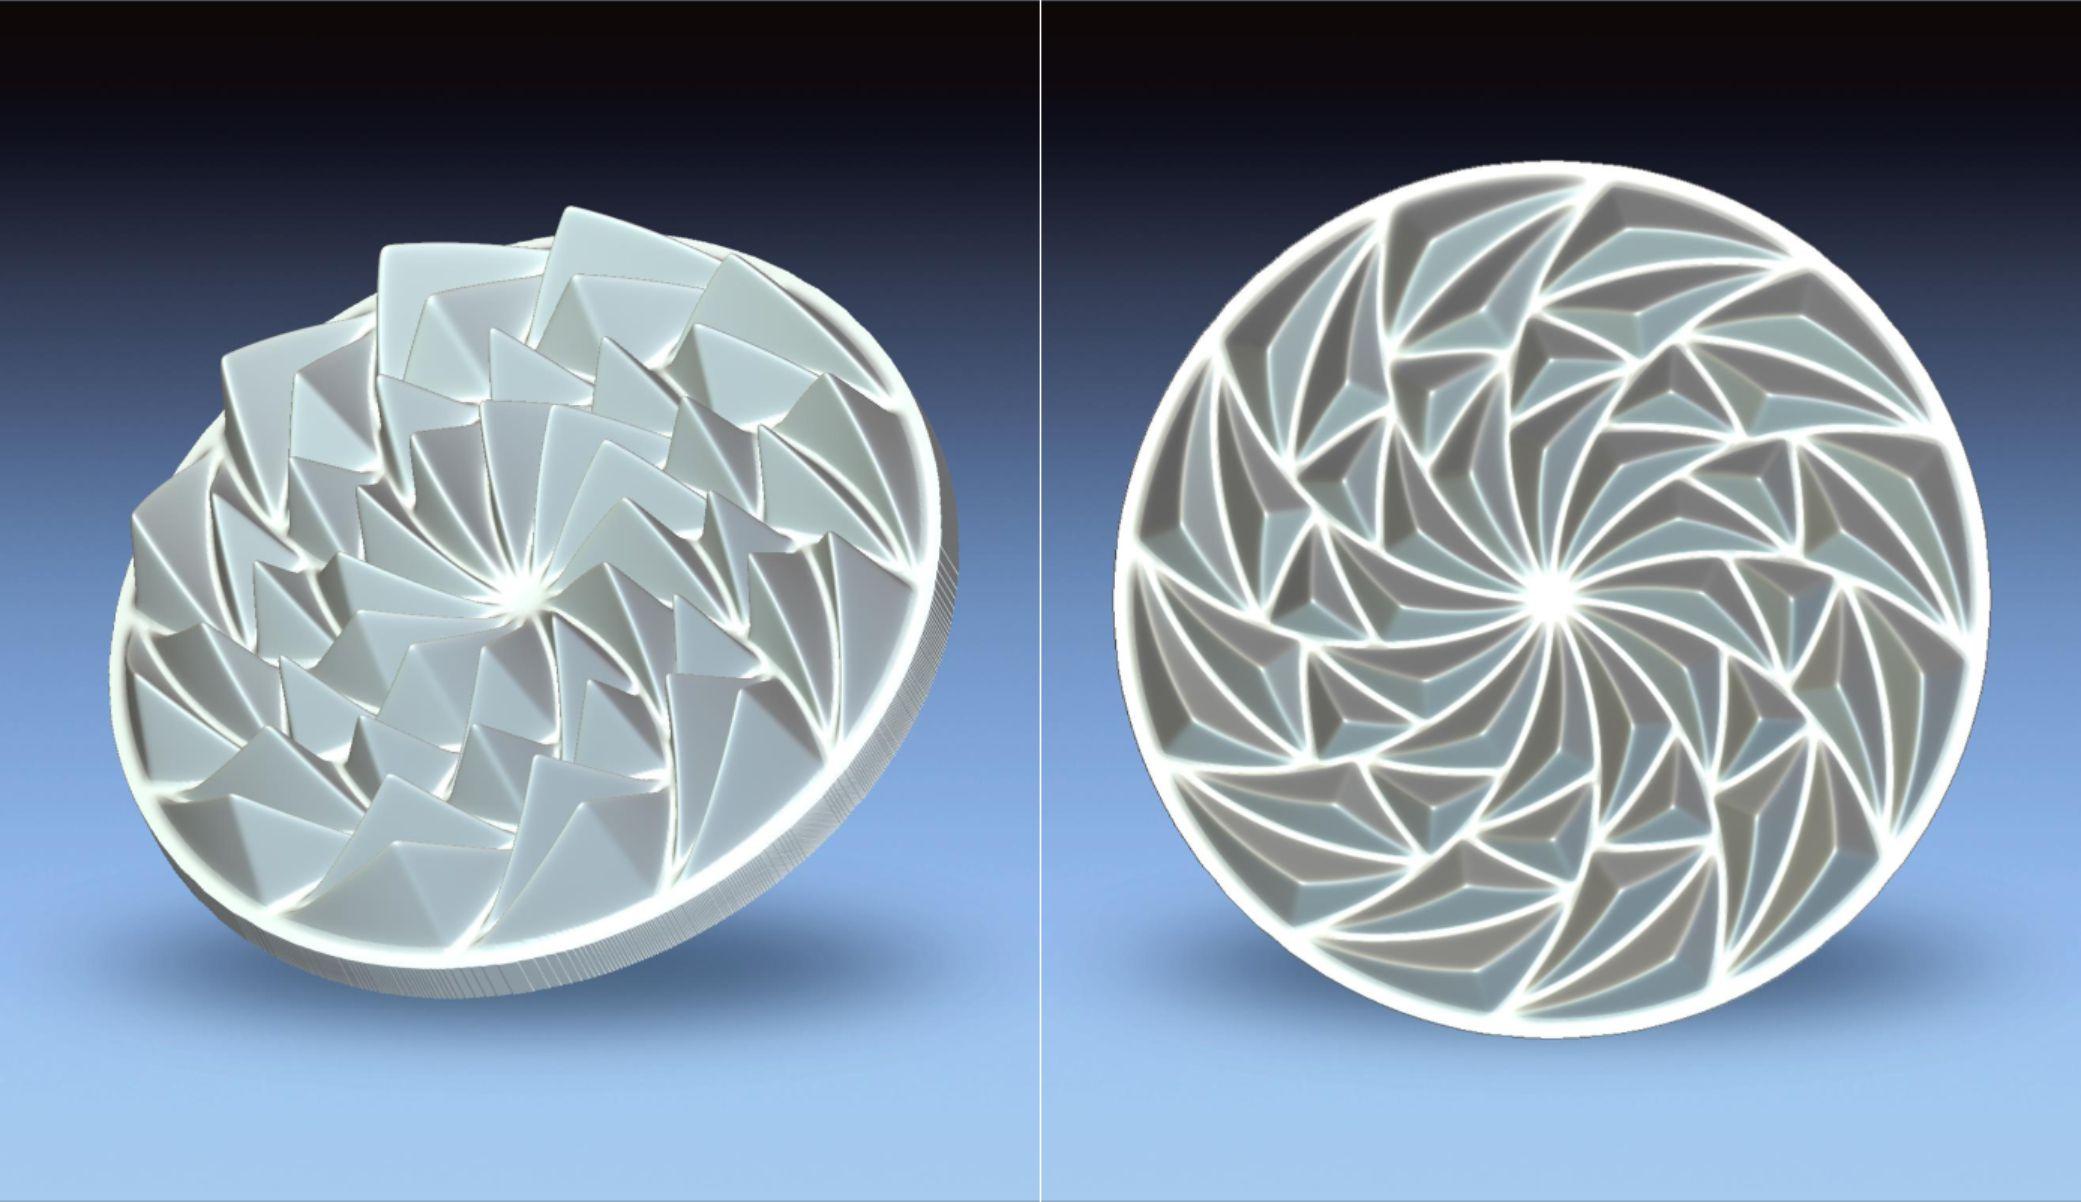 Сделать 3D модель массажного элемента формат STP/UG фото f_4745d2b4f7c40965.jpg